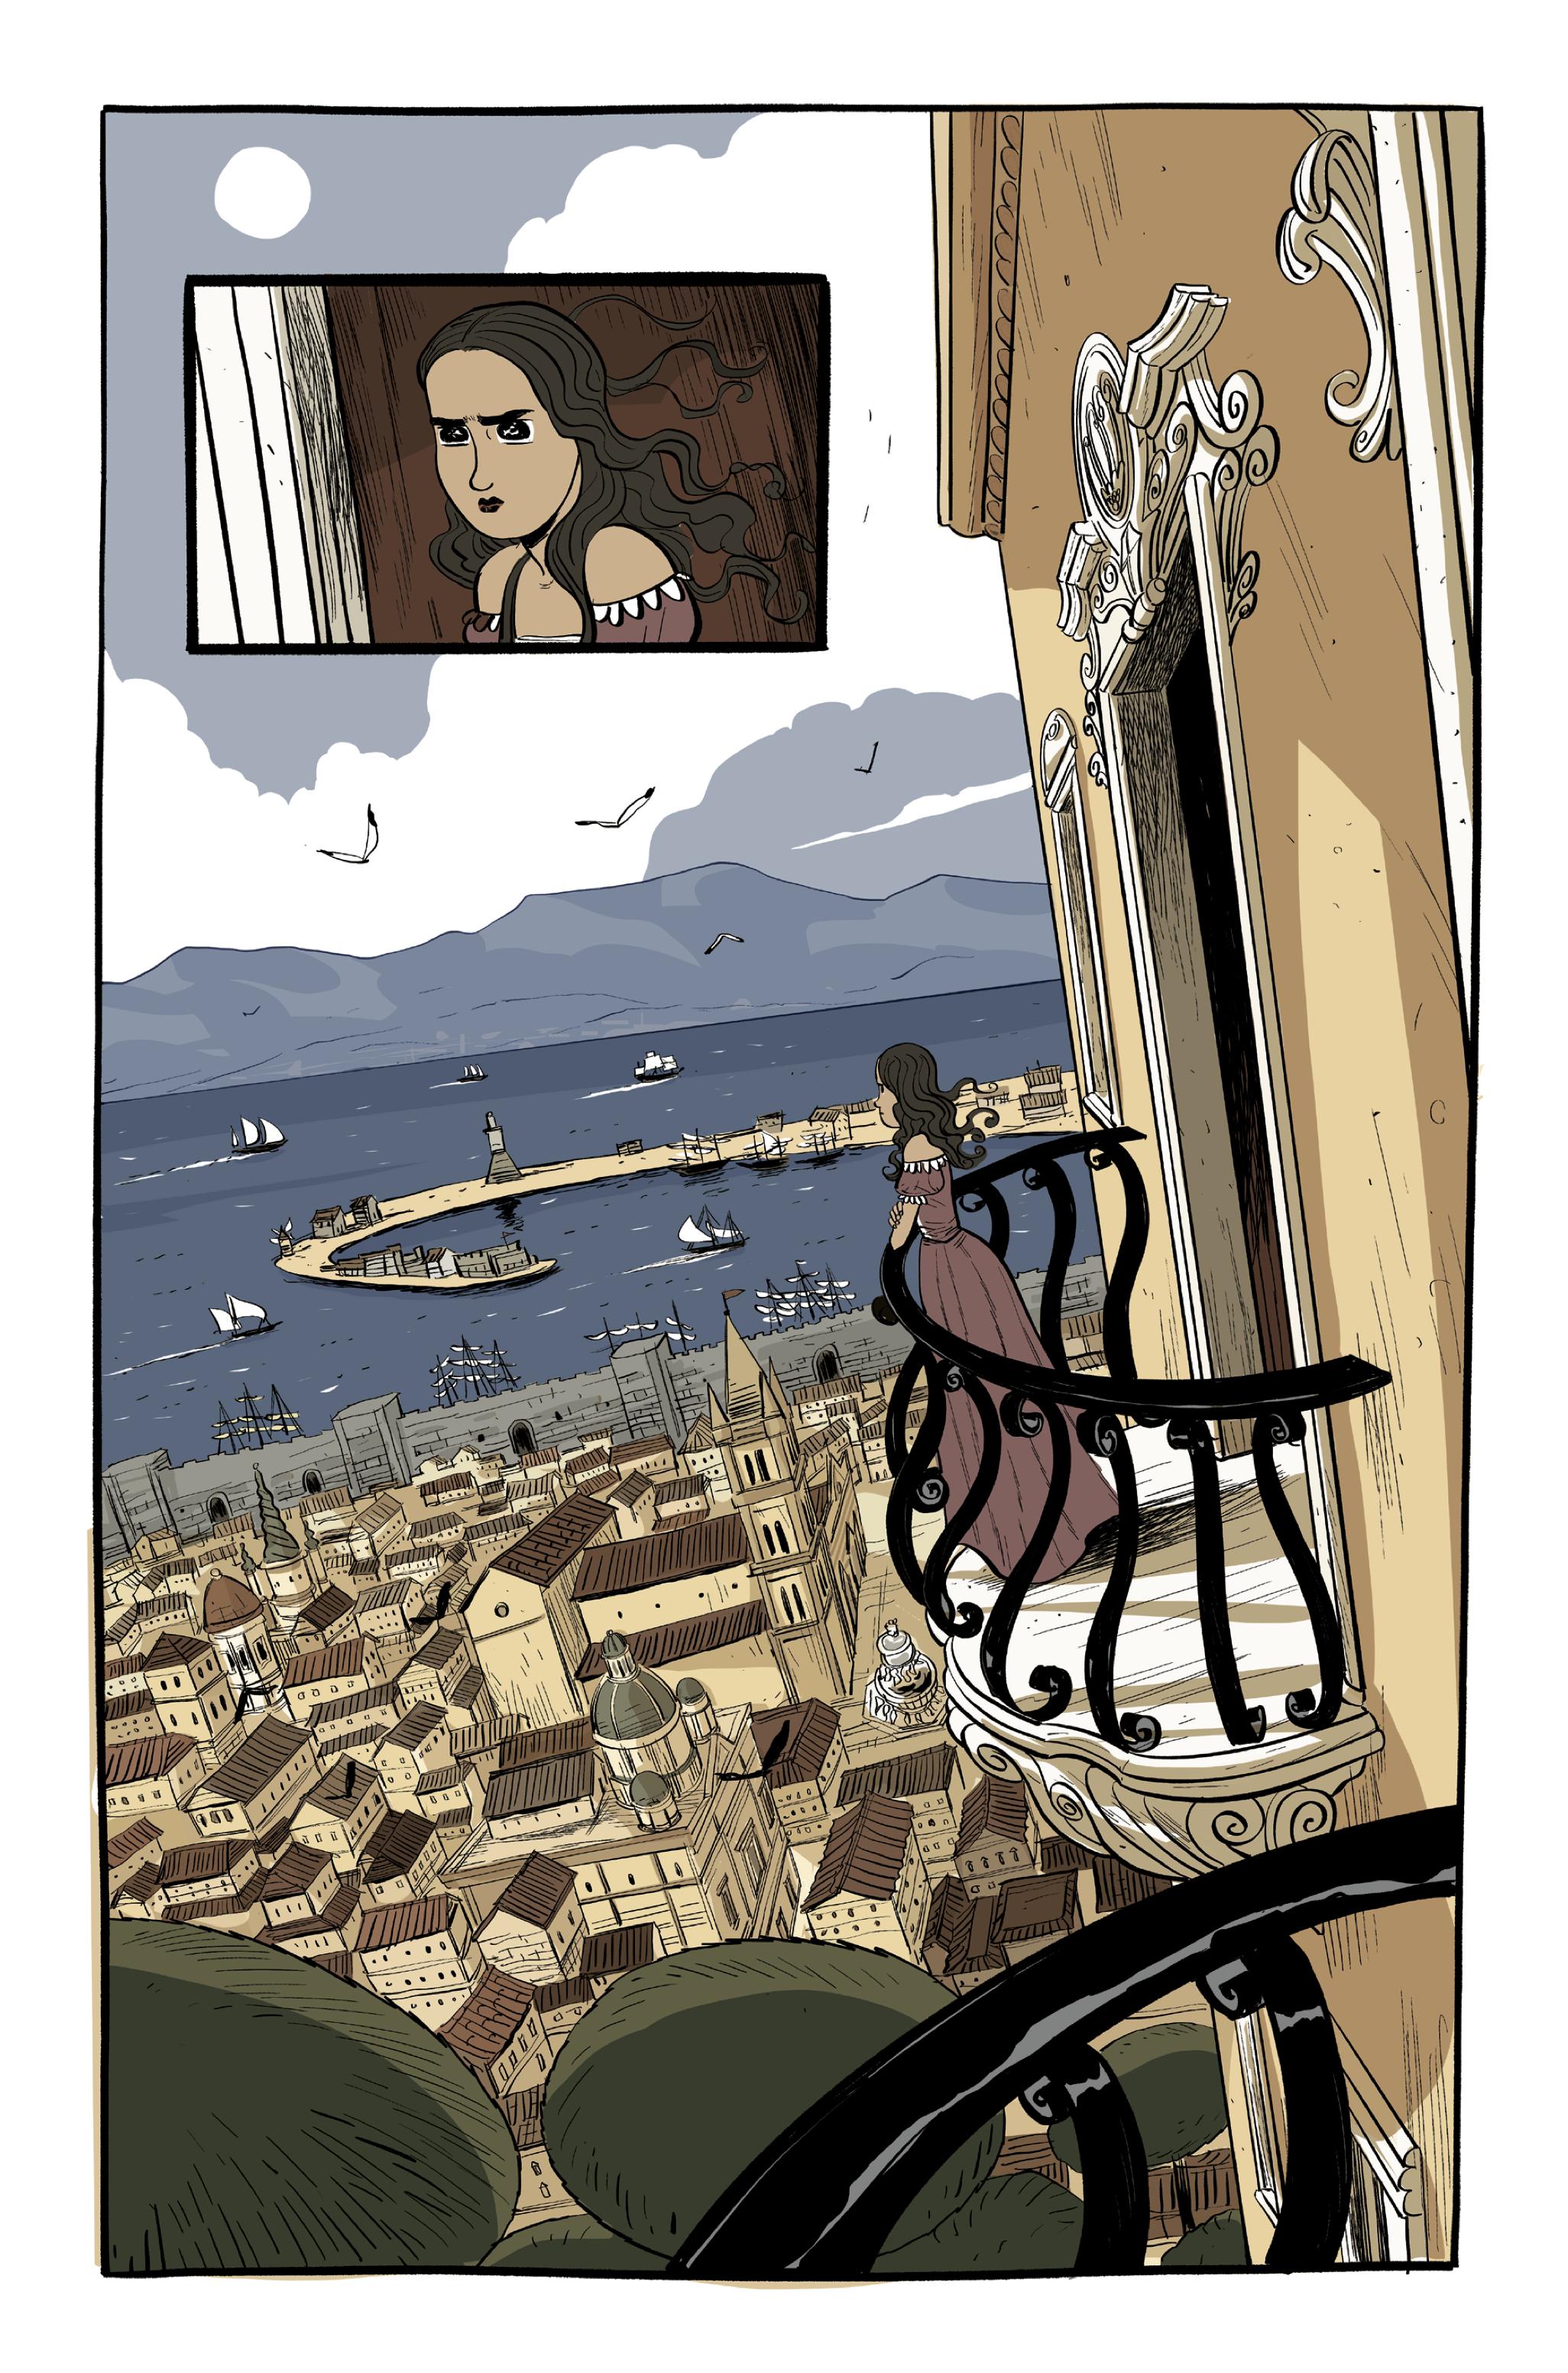 """Tratto da """"Caravaggio e la ragazza"""", testi di Nadia Terranova e disegni di Lelio Bonaccorso, Feltrinelli Comics, 2021. (Courtesy Feltrinelli Comics)"""